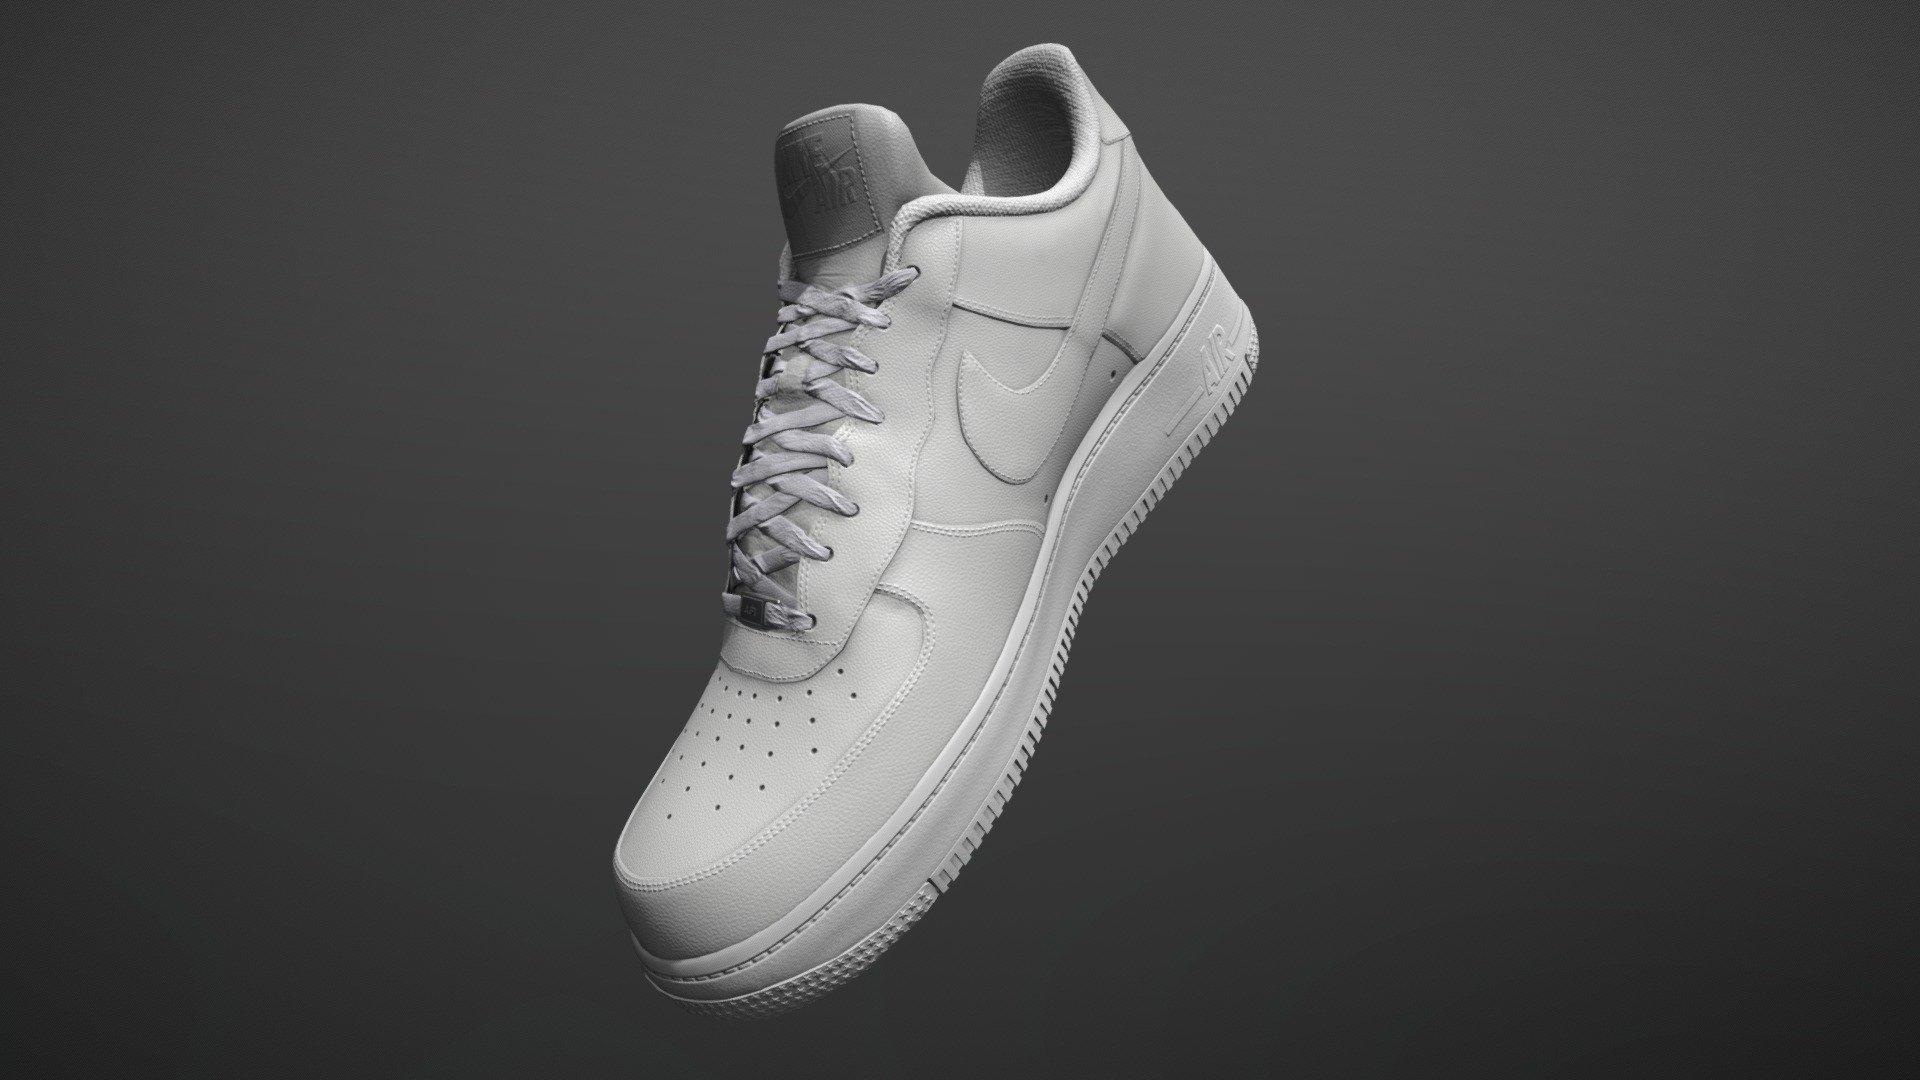 Pocos Último pulgada  Nike Air Force 1 - 3D model by Farmer2012 (@Farmer2012) [556e5c1] -  Sketchfab